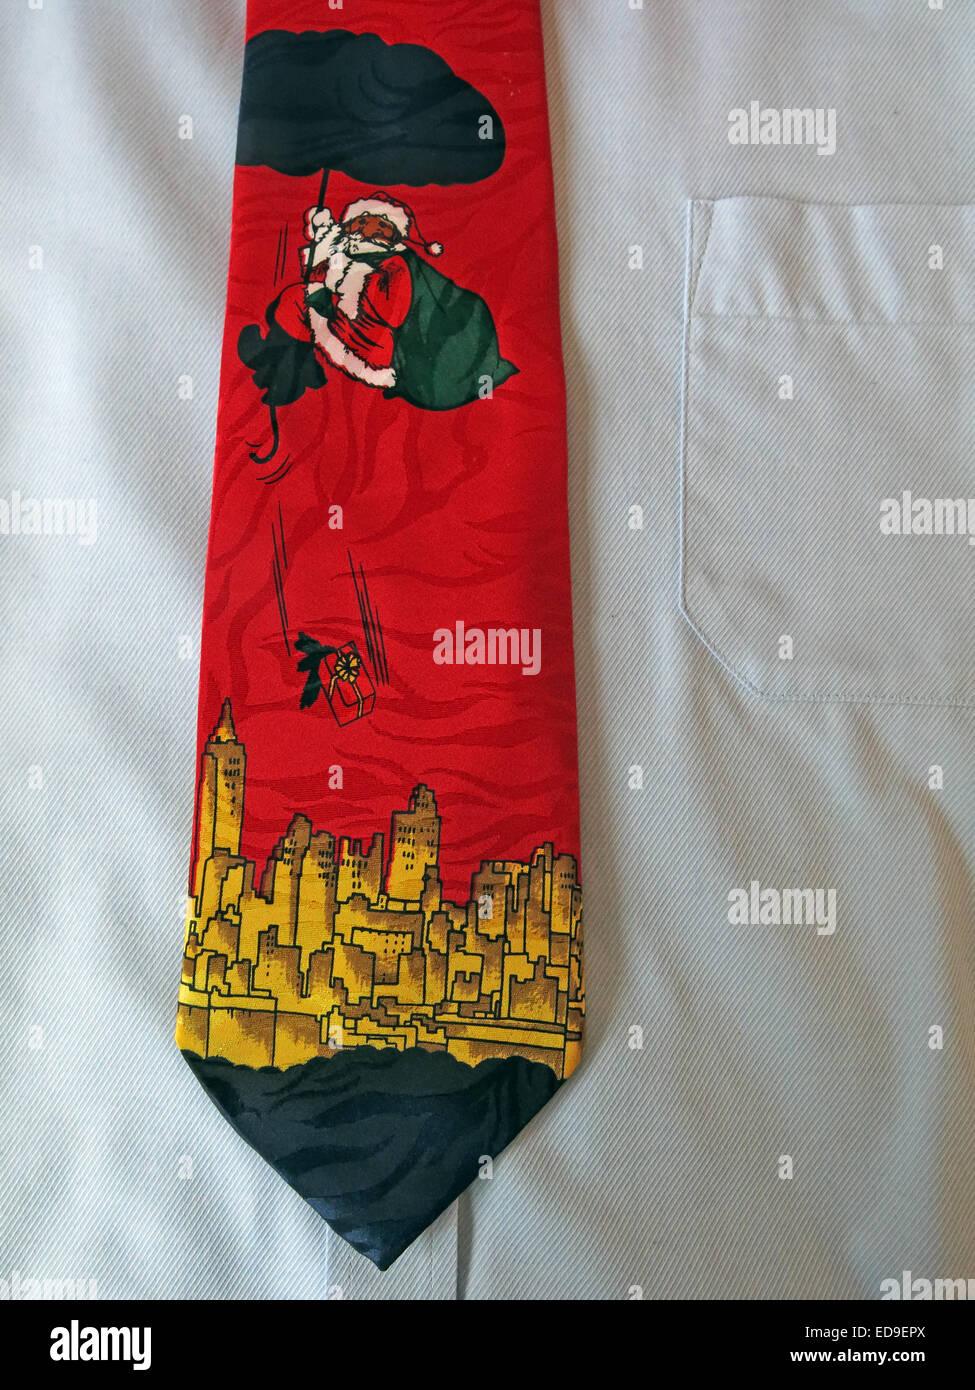 Laden Sie dieses Alamy Stockfoto Interessante Santa schwimmende Vintage Krawatte, männliche Antik in Seide - ED9EPX